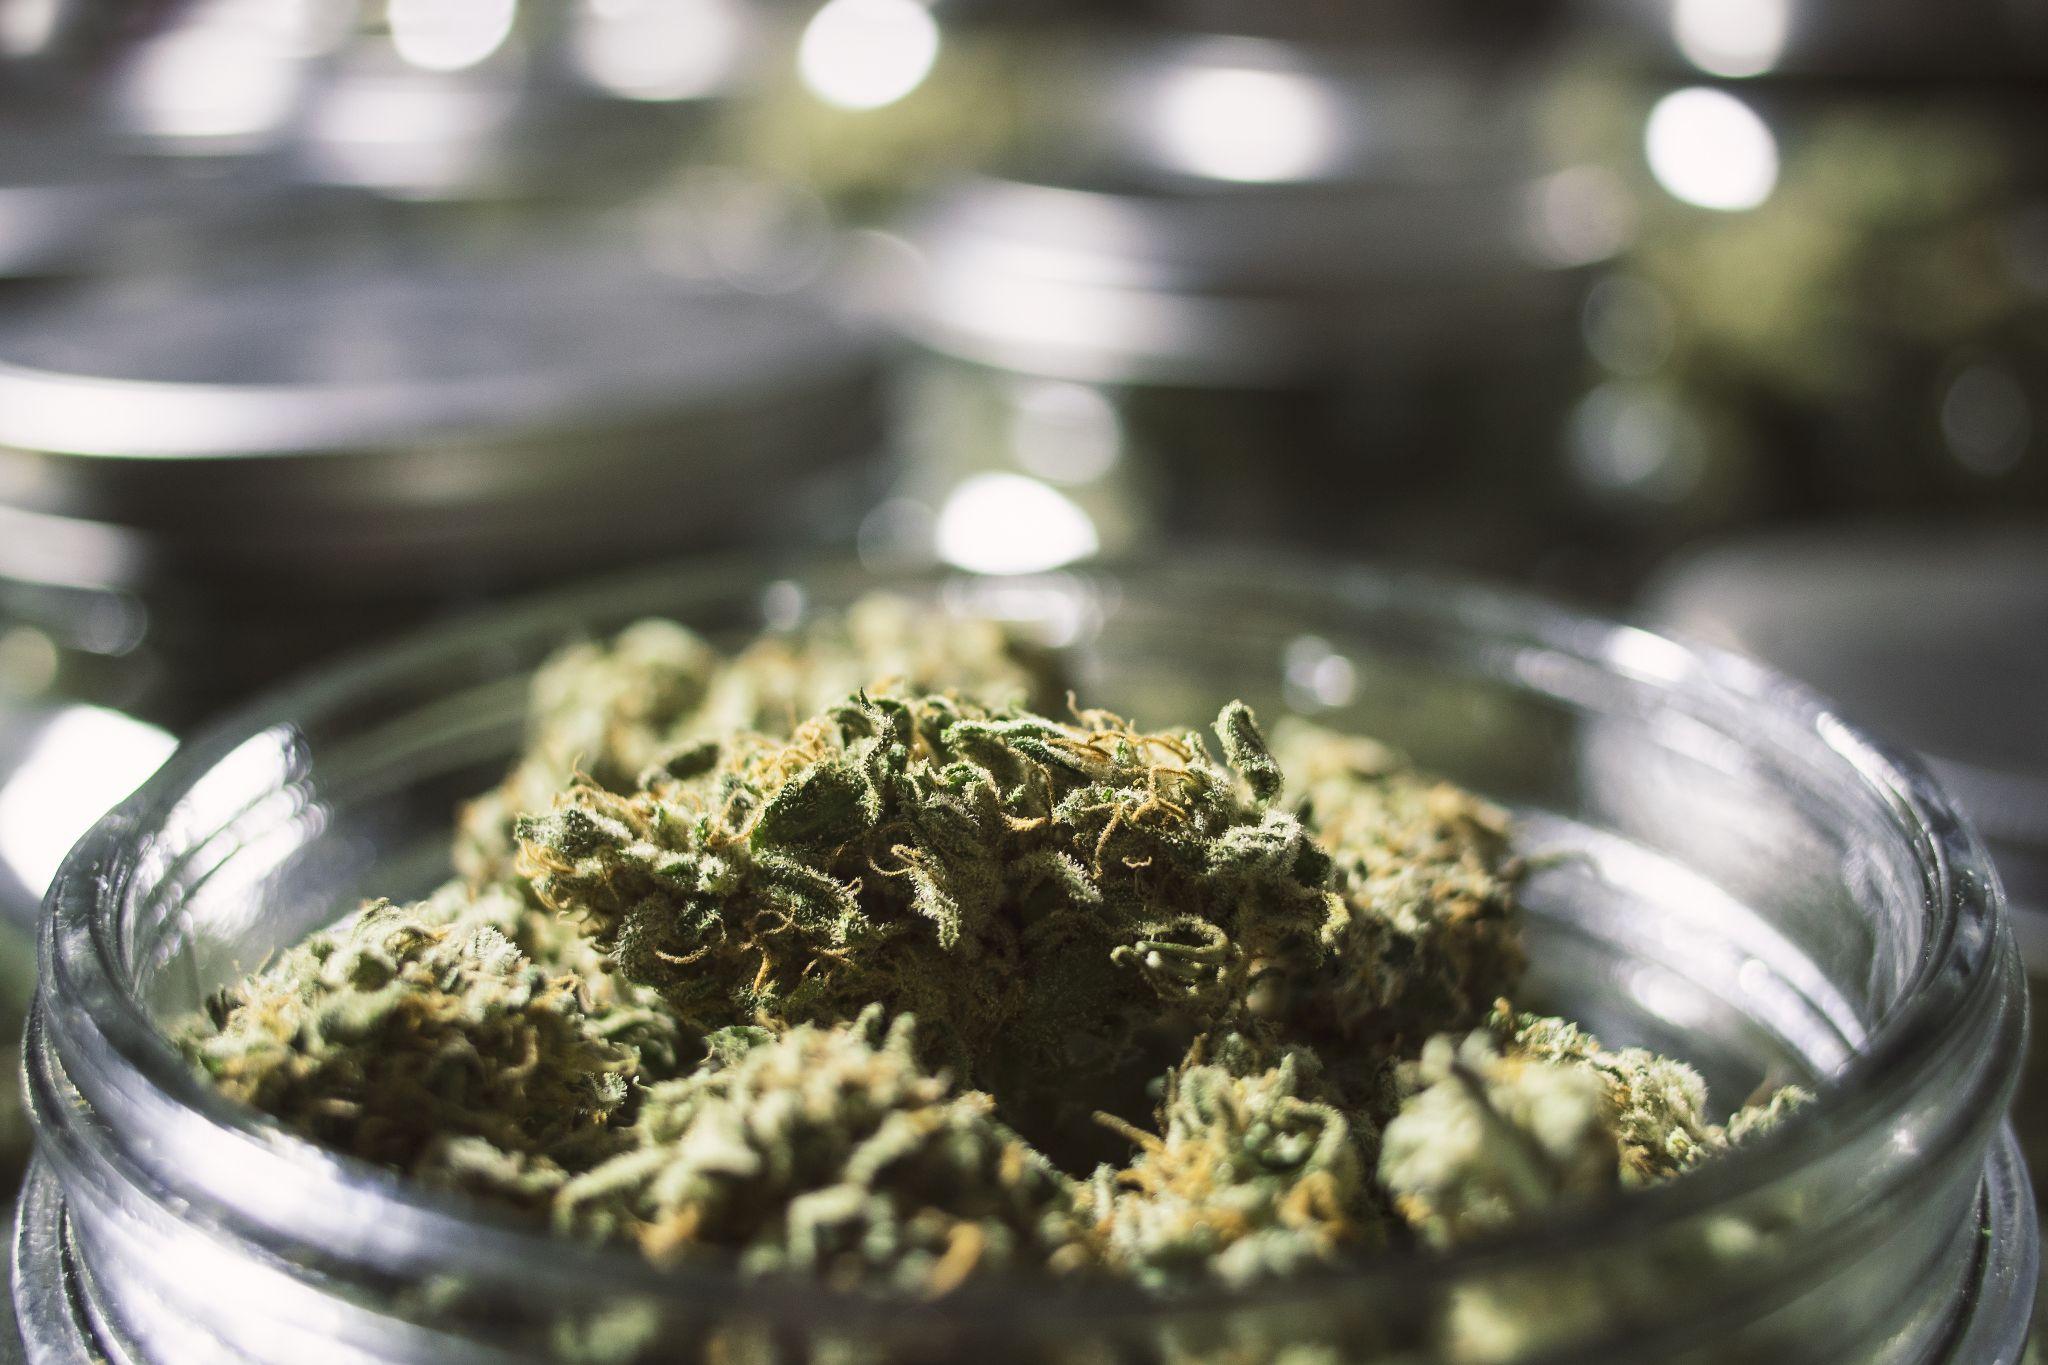 Jar of fresh cannabis flower